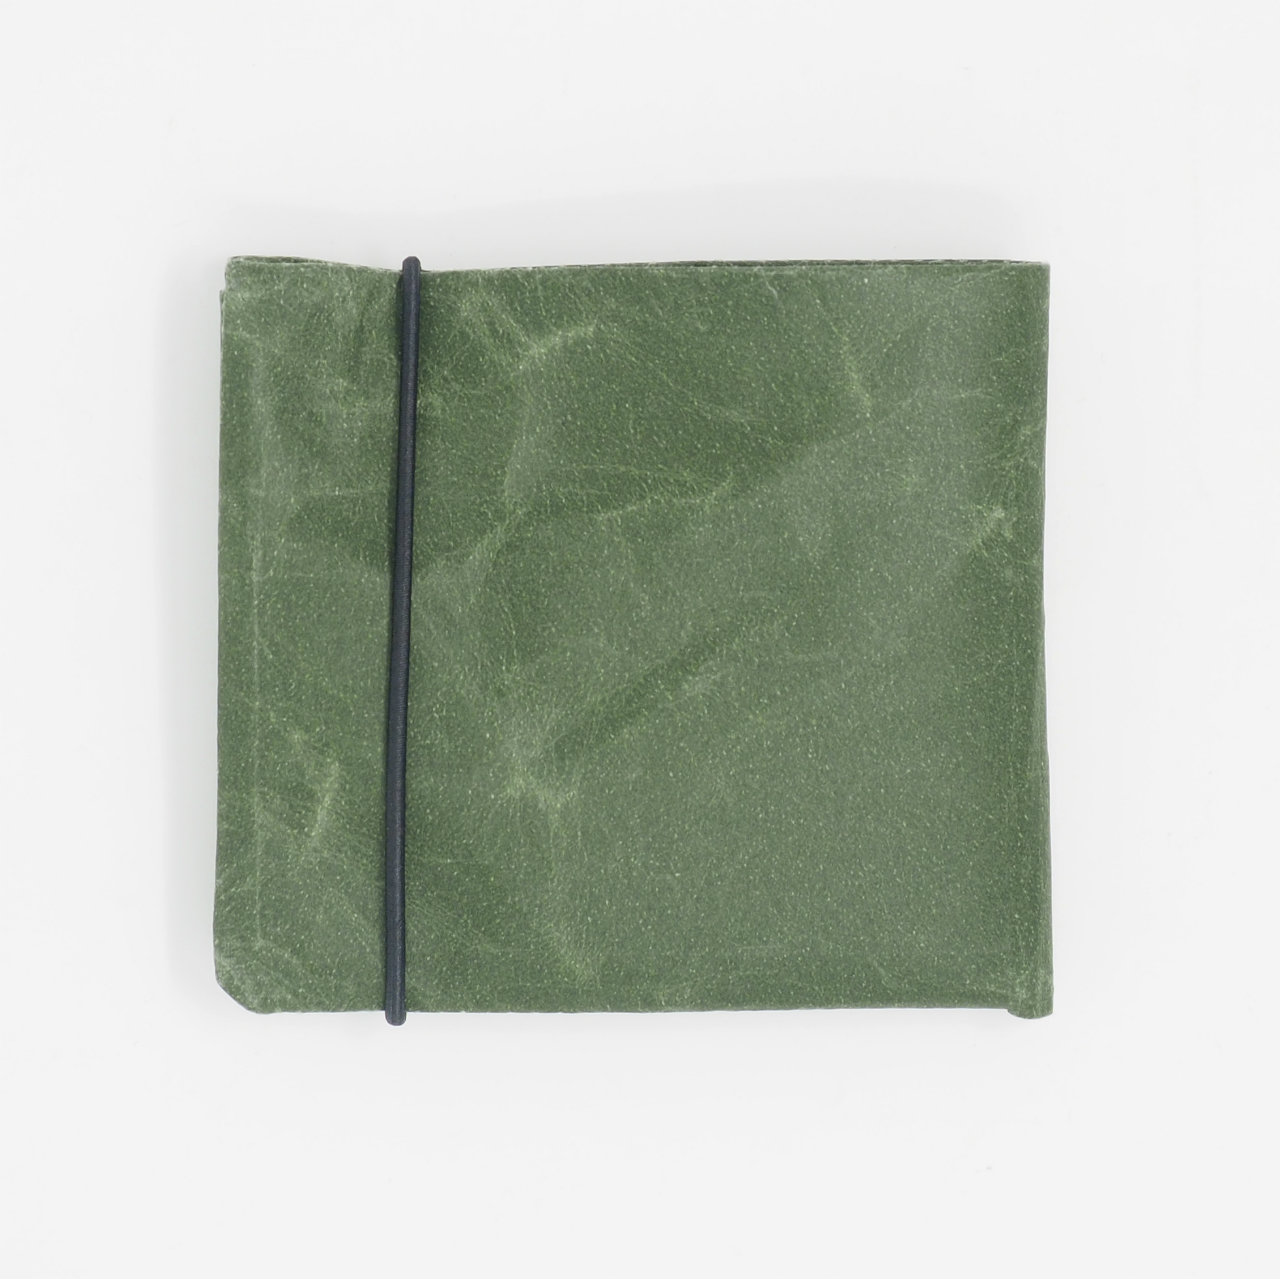 サムネイル:2つ折り財布 ダークグリーン